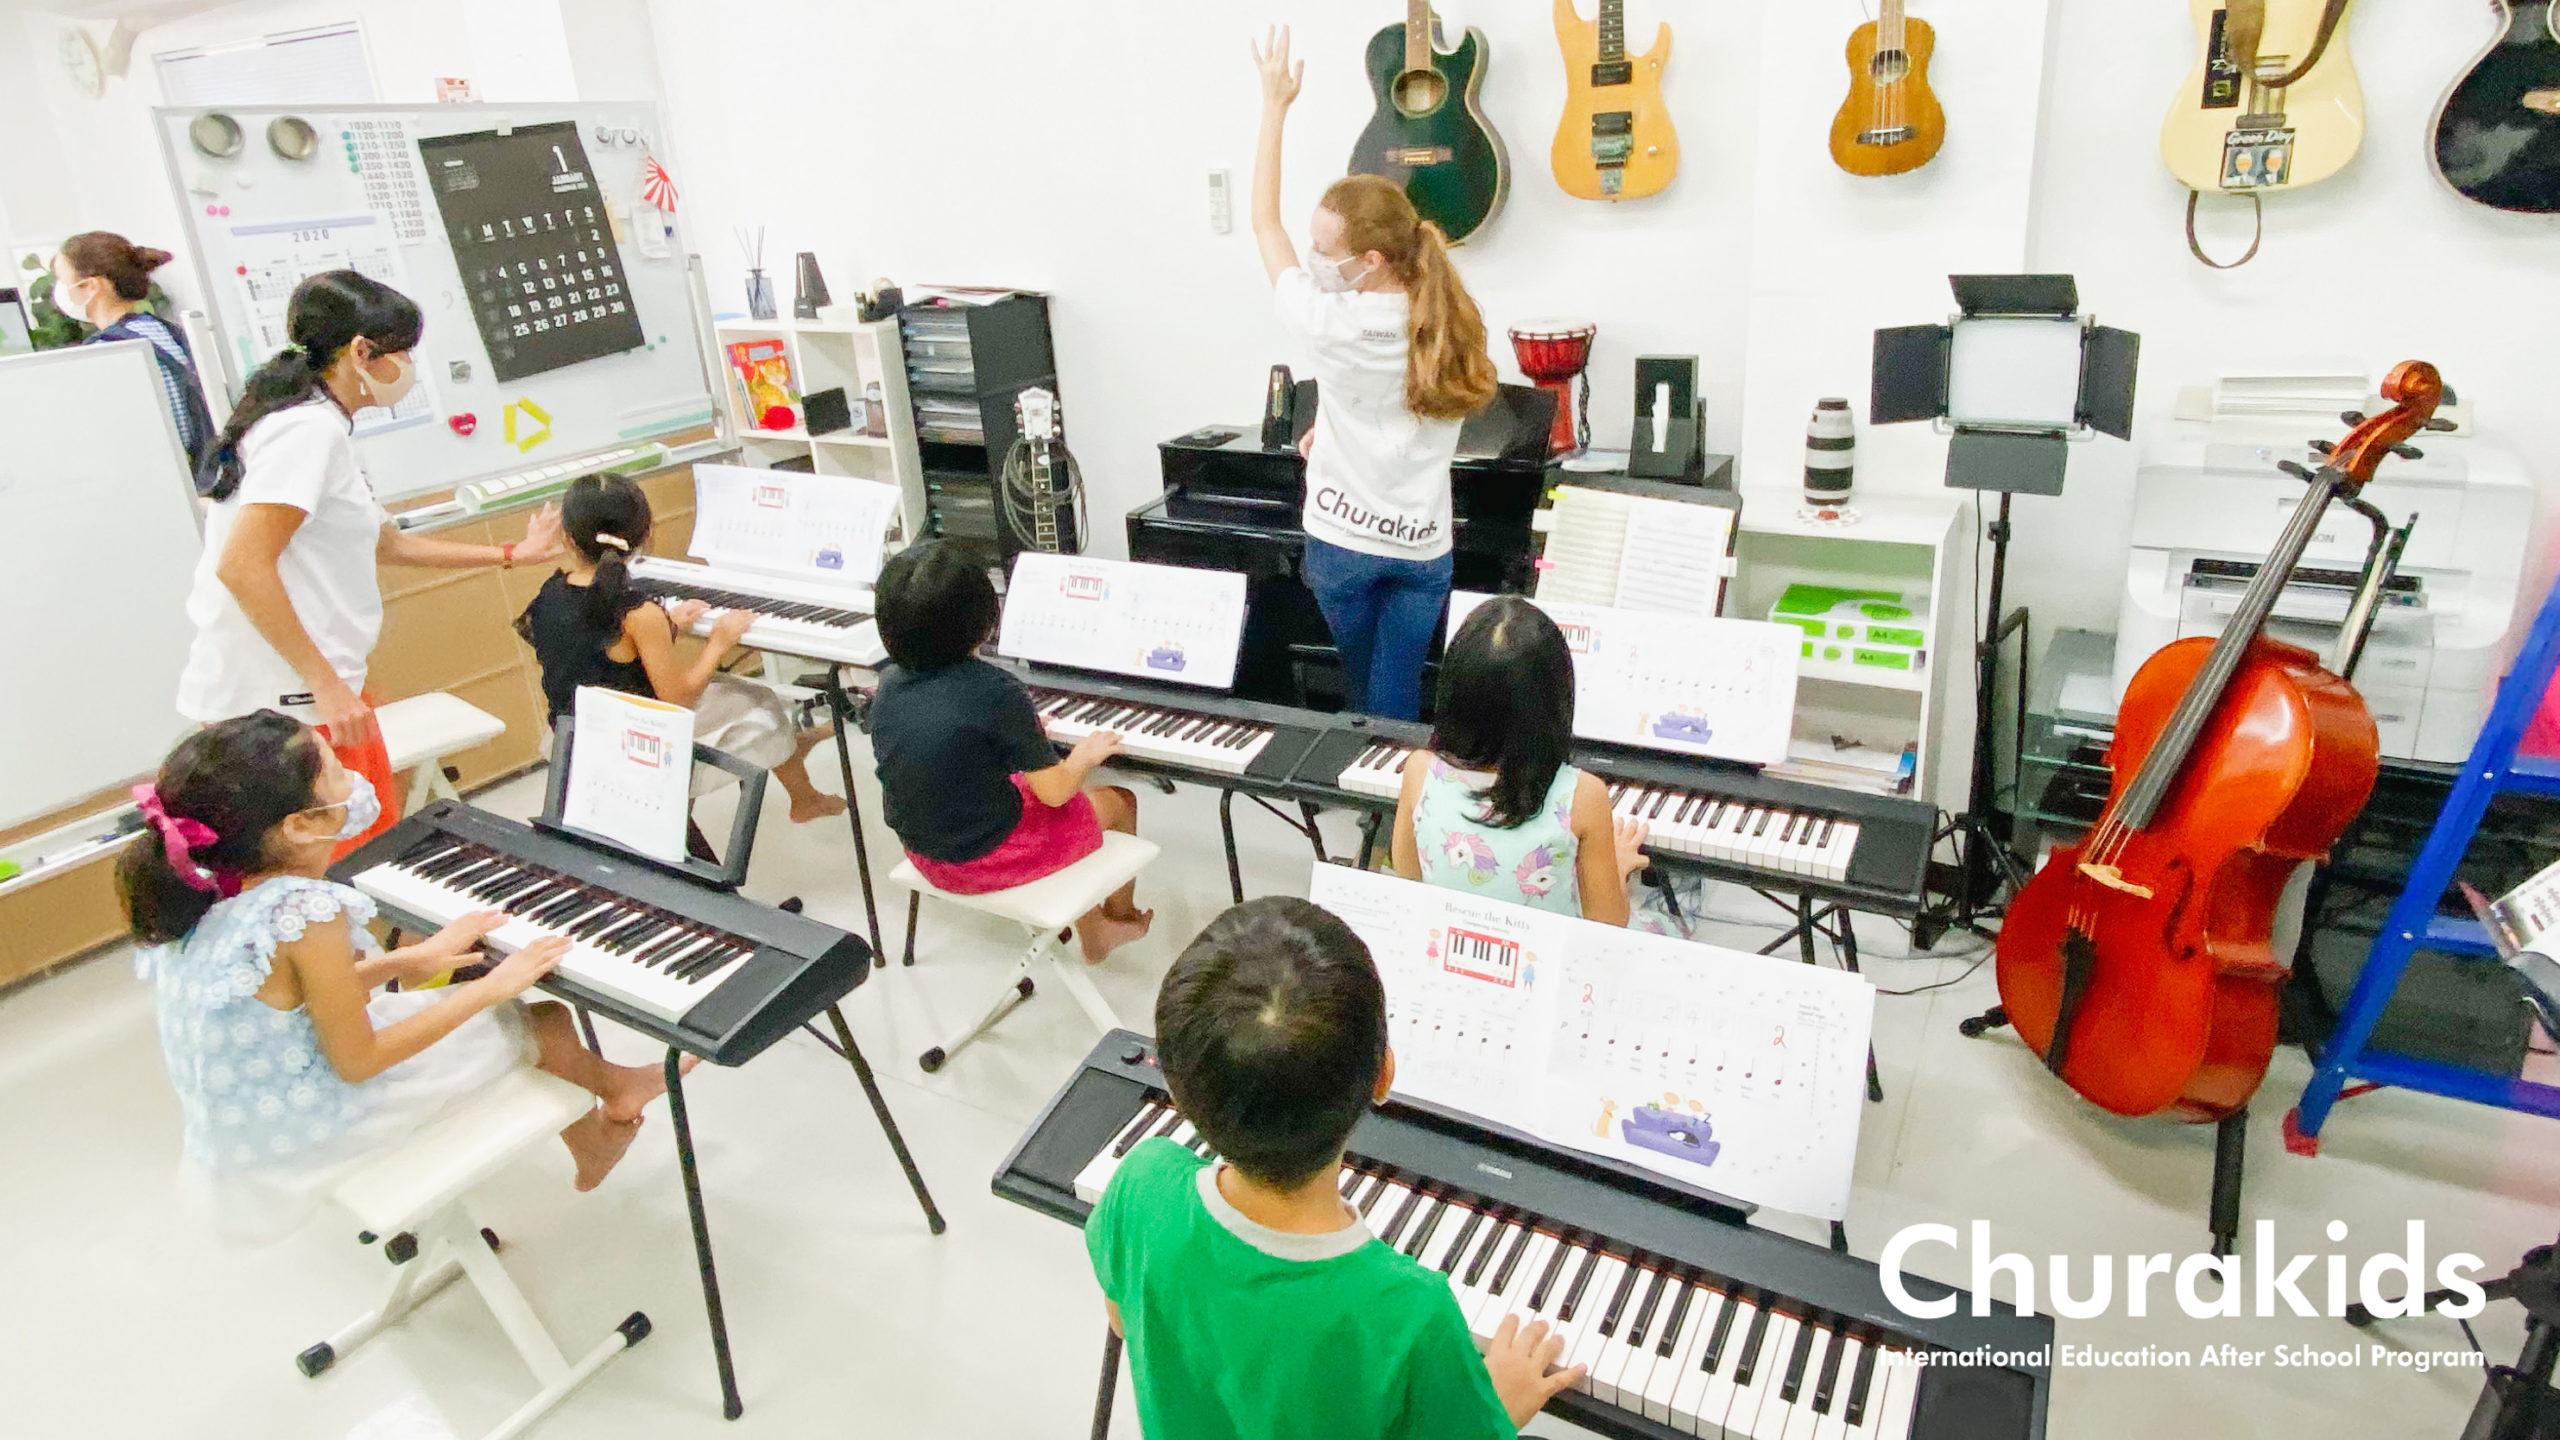 沖縄市の英語ピアノ教室 Churakids